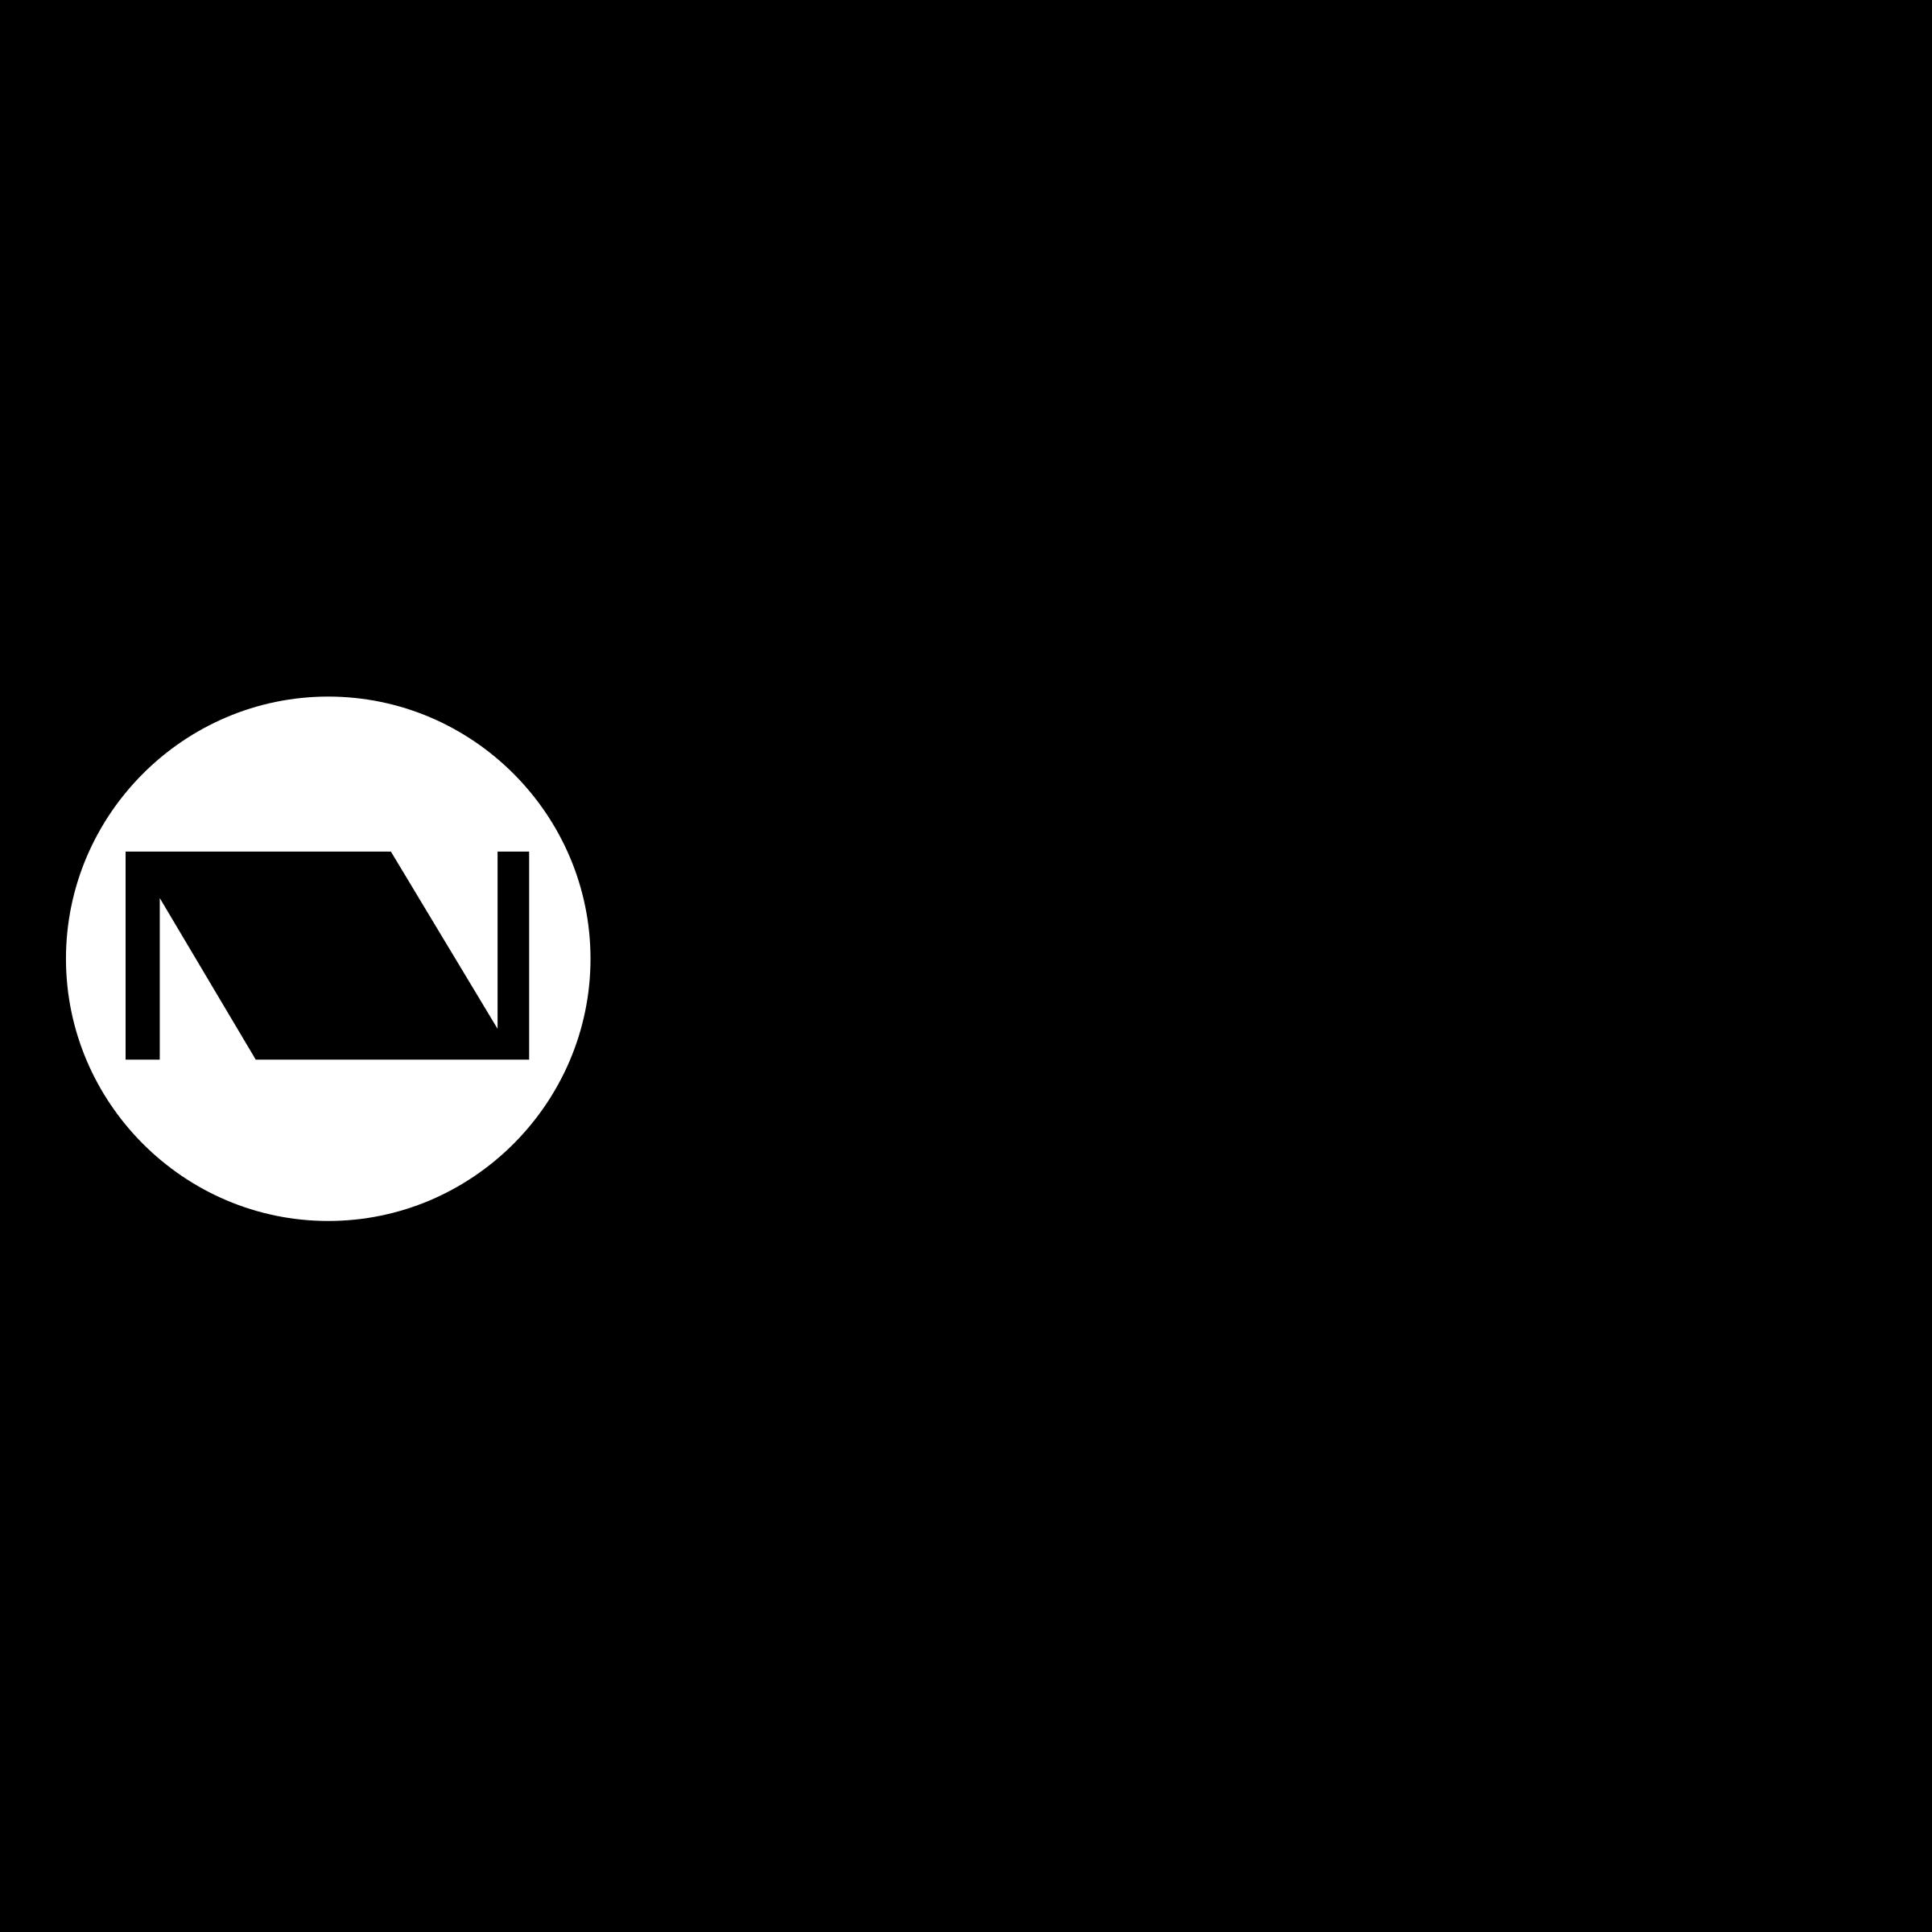 Neff Logo PNG Transparent & SVG Vector.